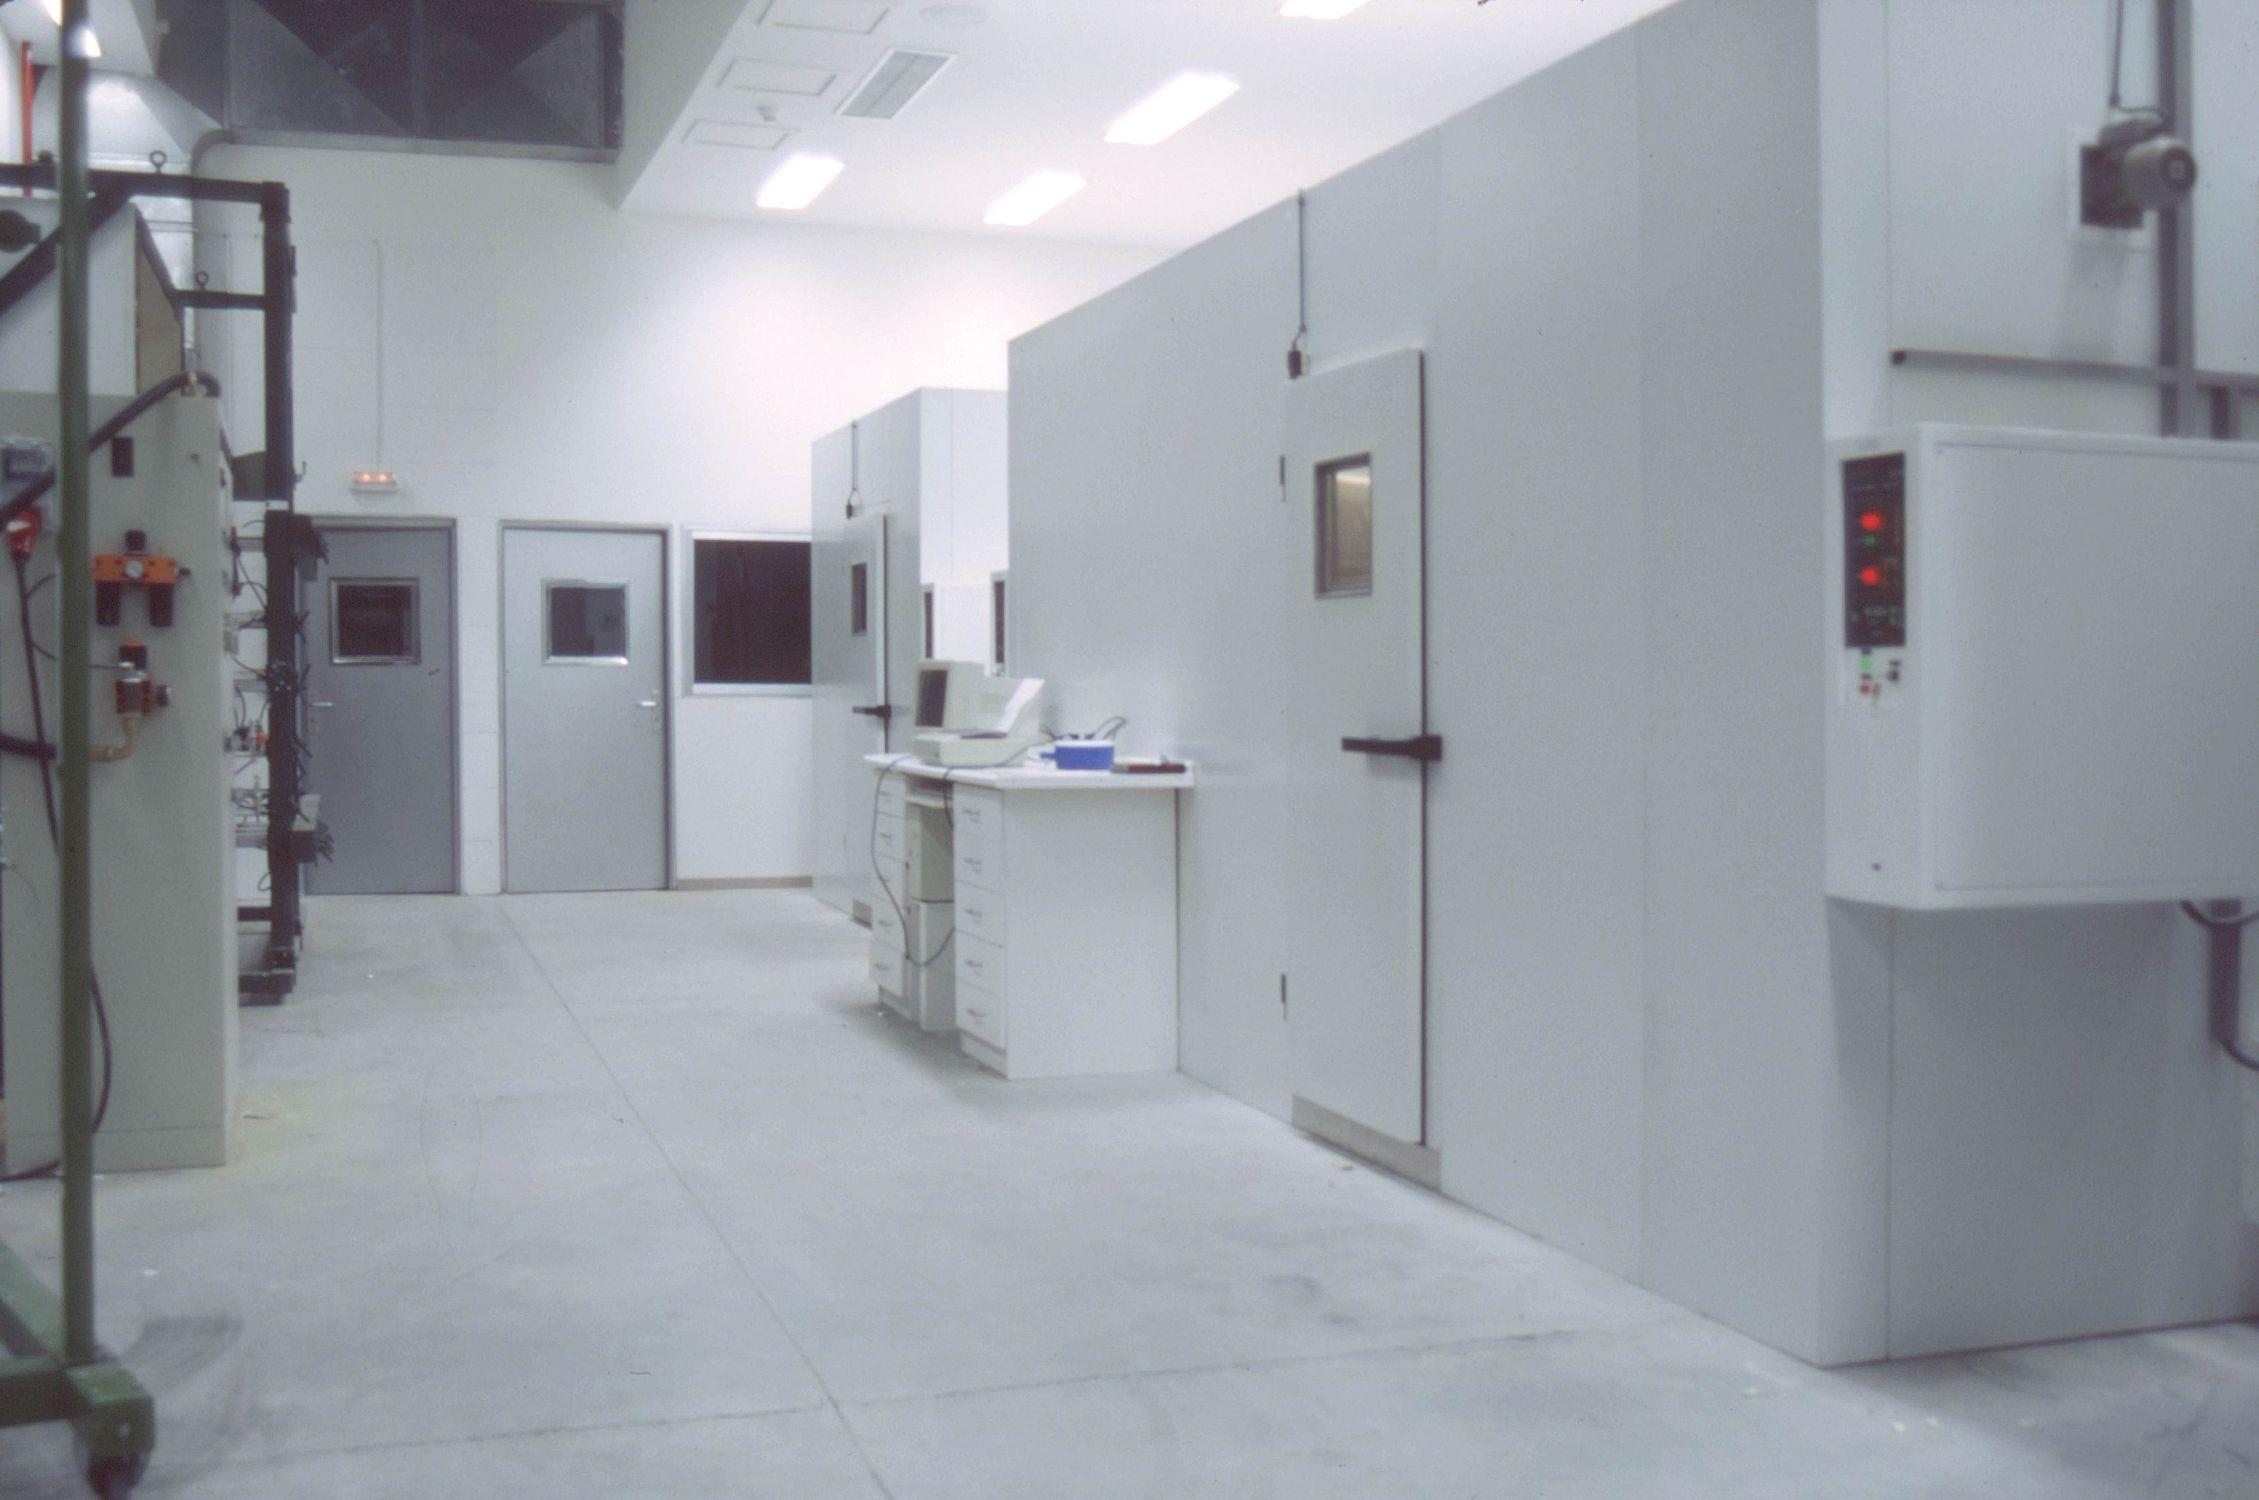 Une chambre froide dans une boucherie for Temperature chambre froide